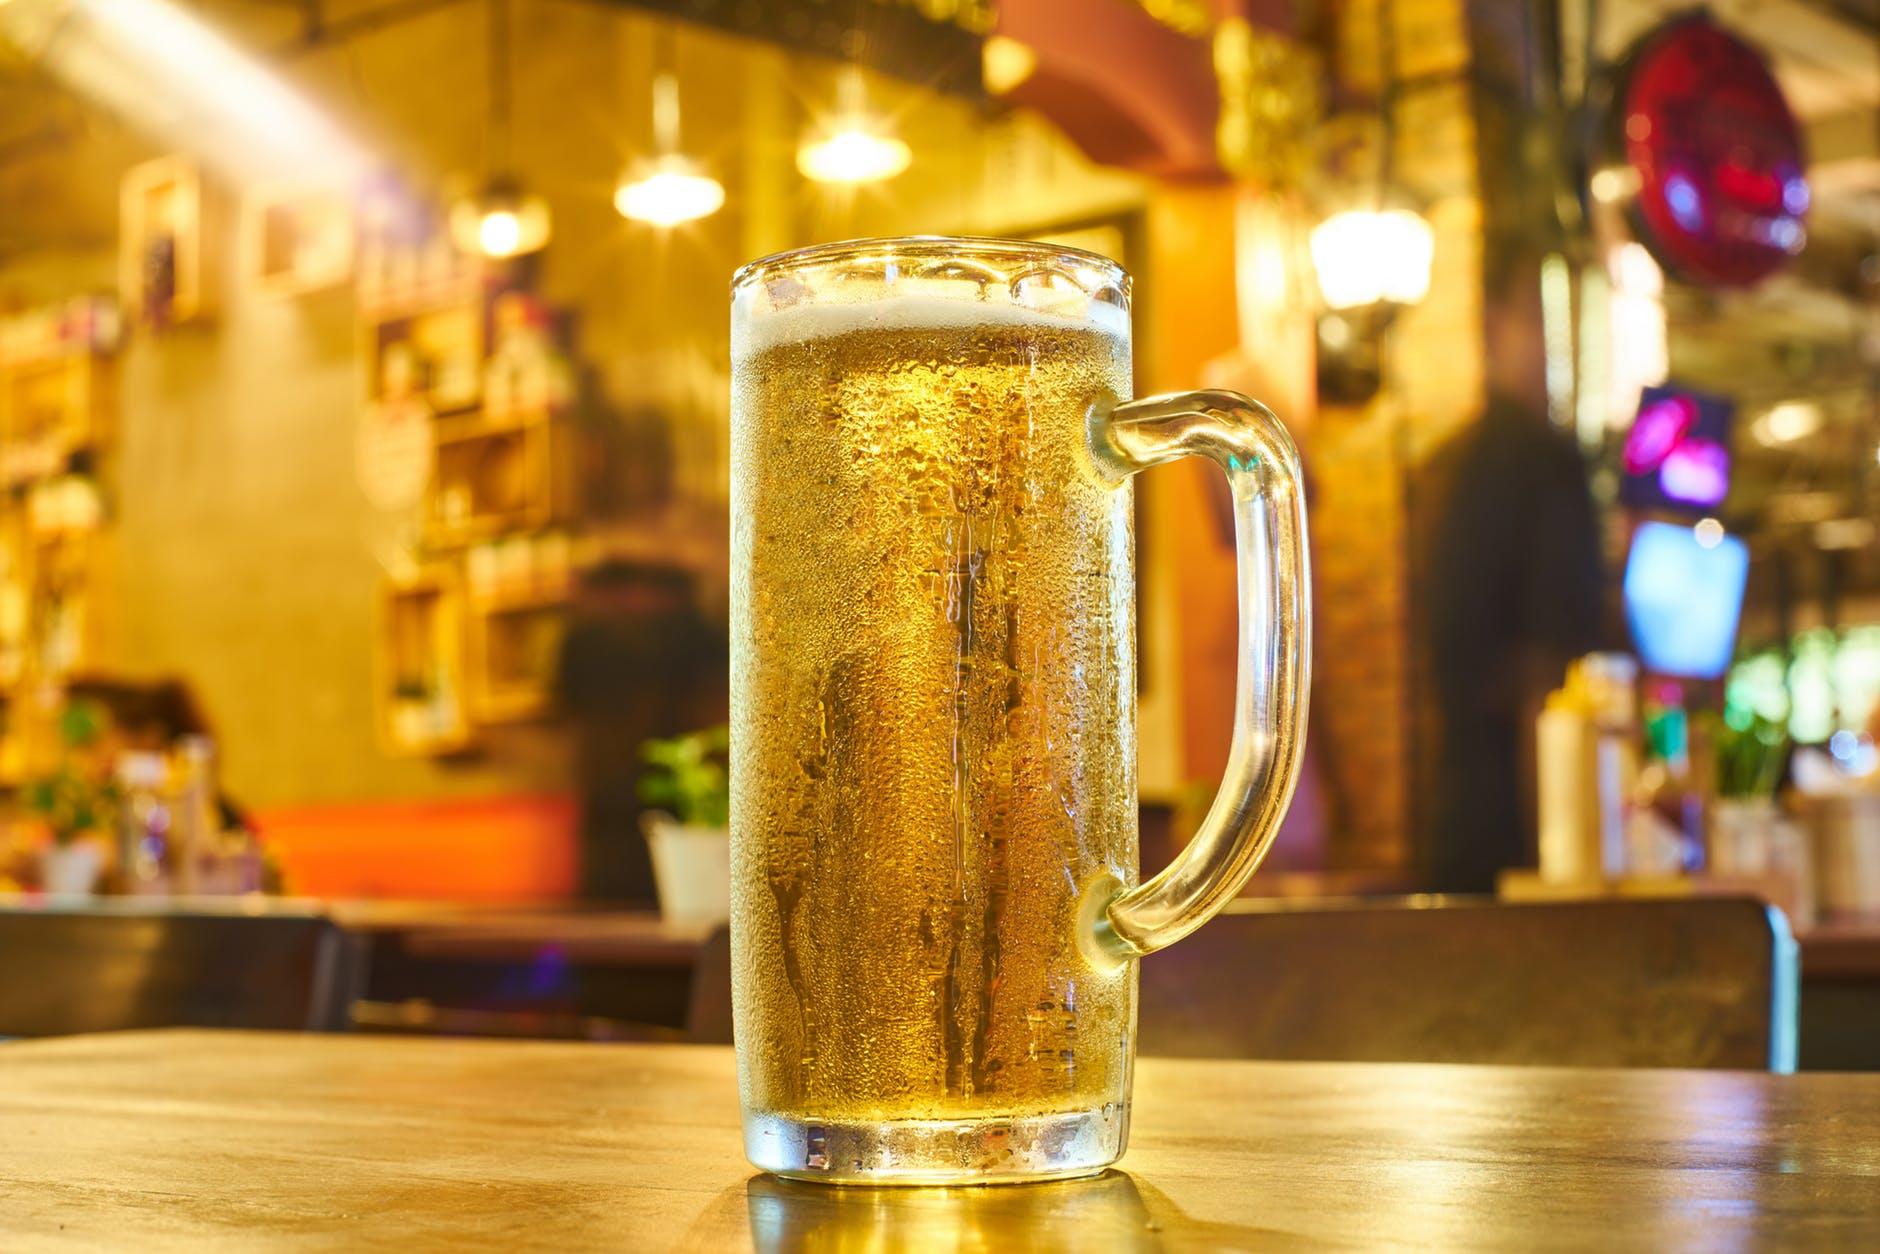 alcohol alcoholic background bar